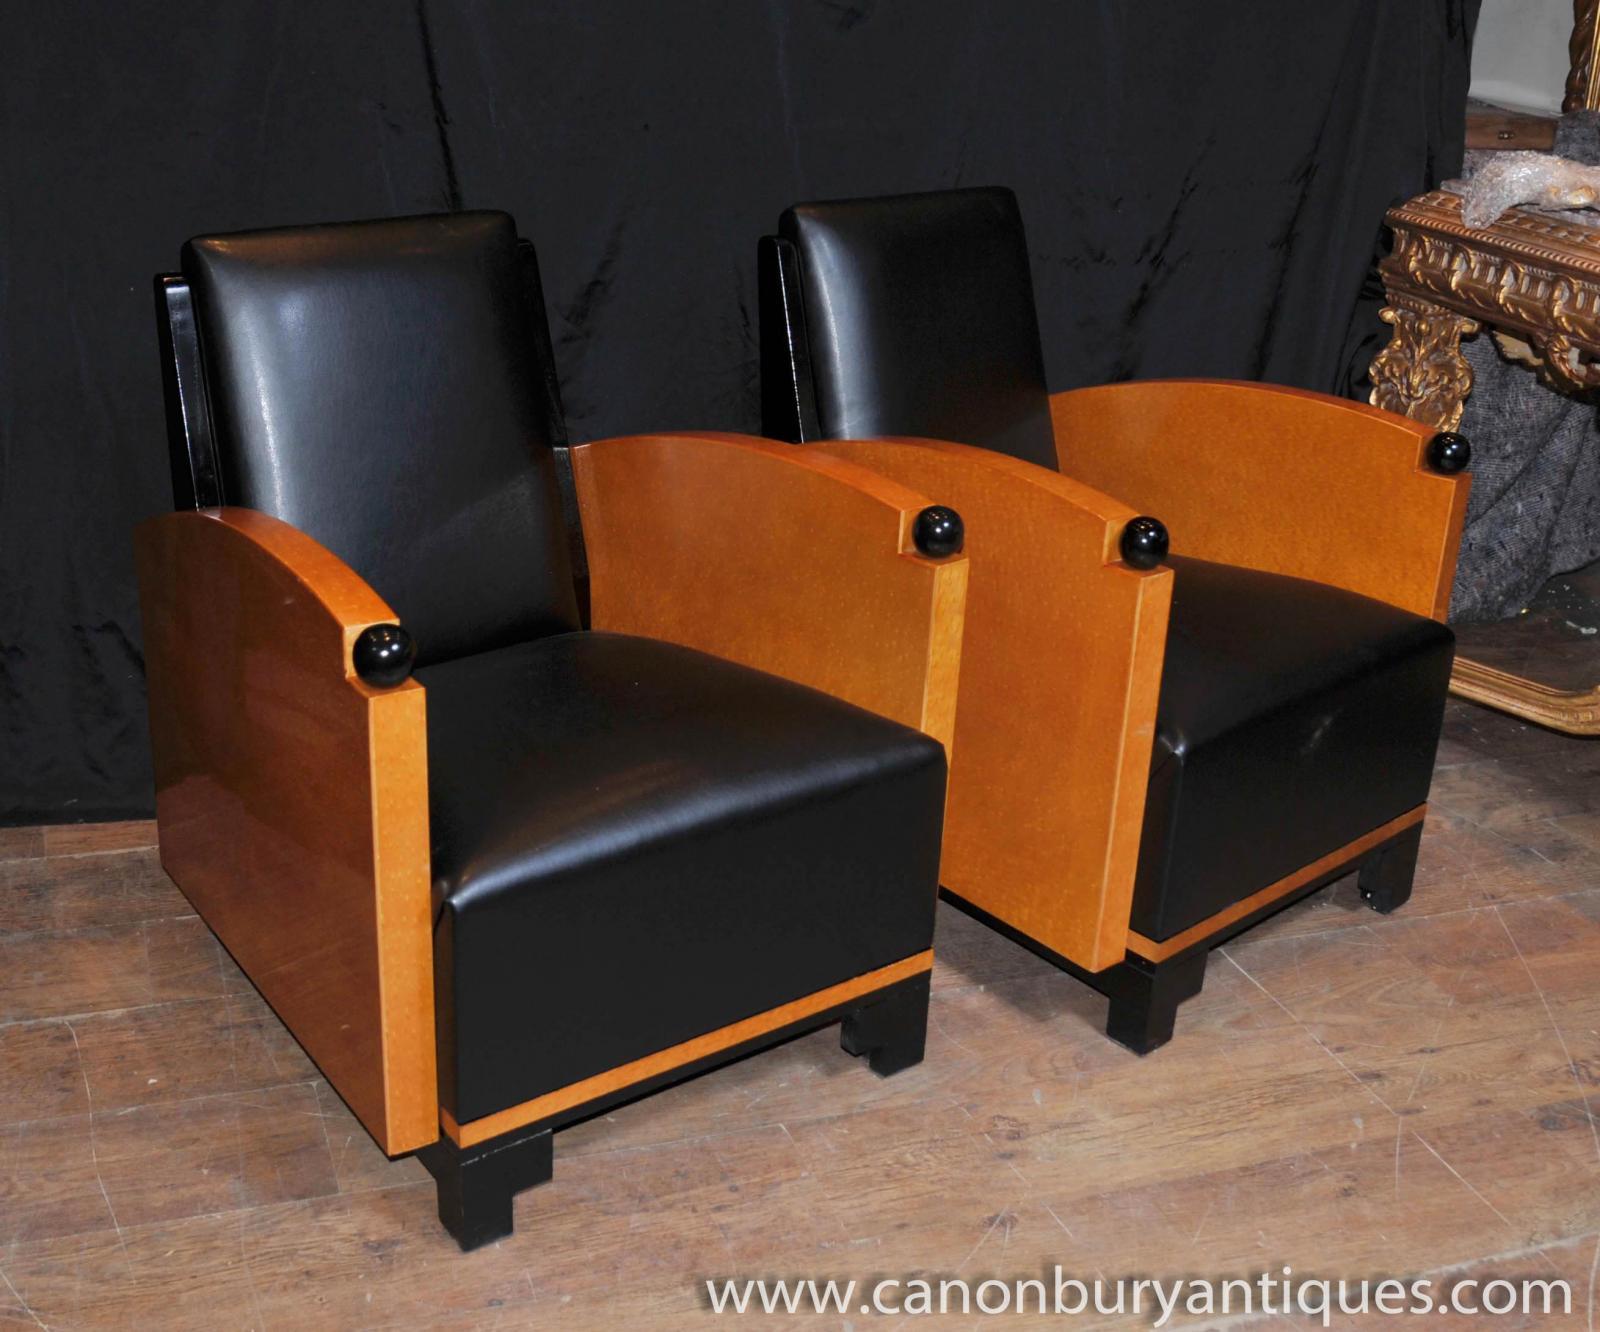 Pair Art Deco Club Chairs Arm Chairs Biedermeier Sofa eBay : Pair20Art20Deco20Club20Chairs20Arm20Chairs20Biedermeier20Sofa 1395100340 zoom 18 from www.ebay.com size 1600 x 1332 jpeg 179kB